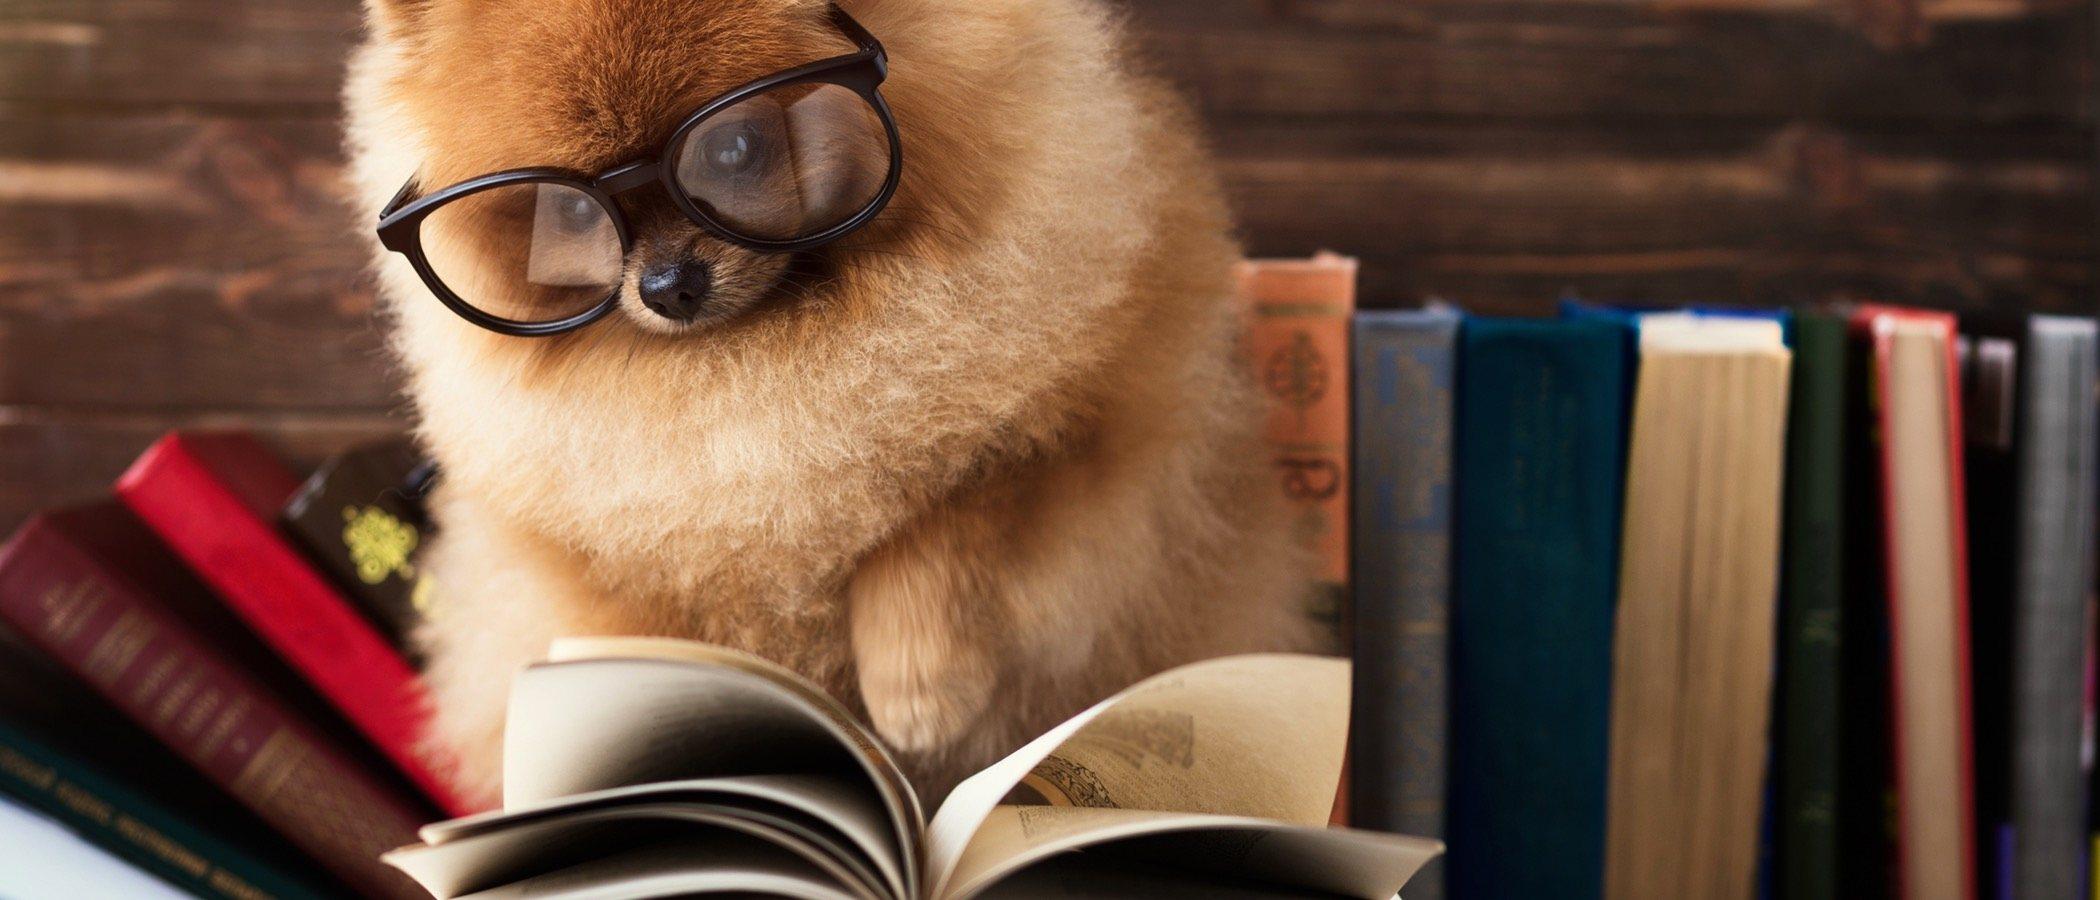 Los animales no son cosas: todo lo que necesitas saber sobre la Ley